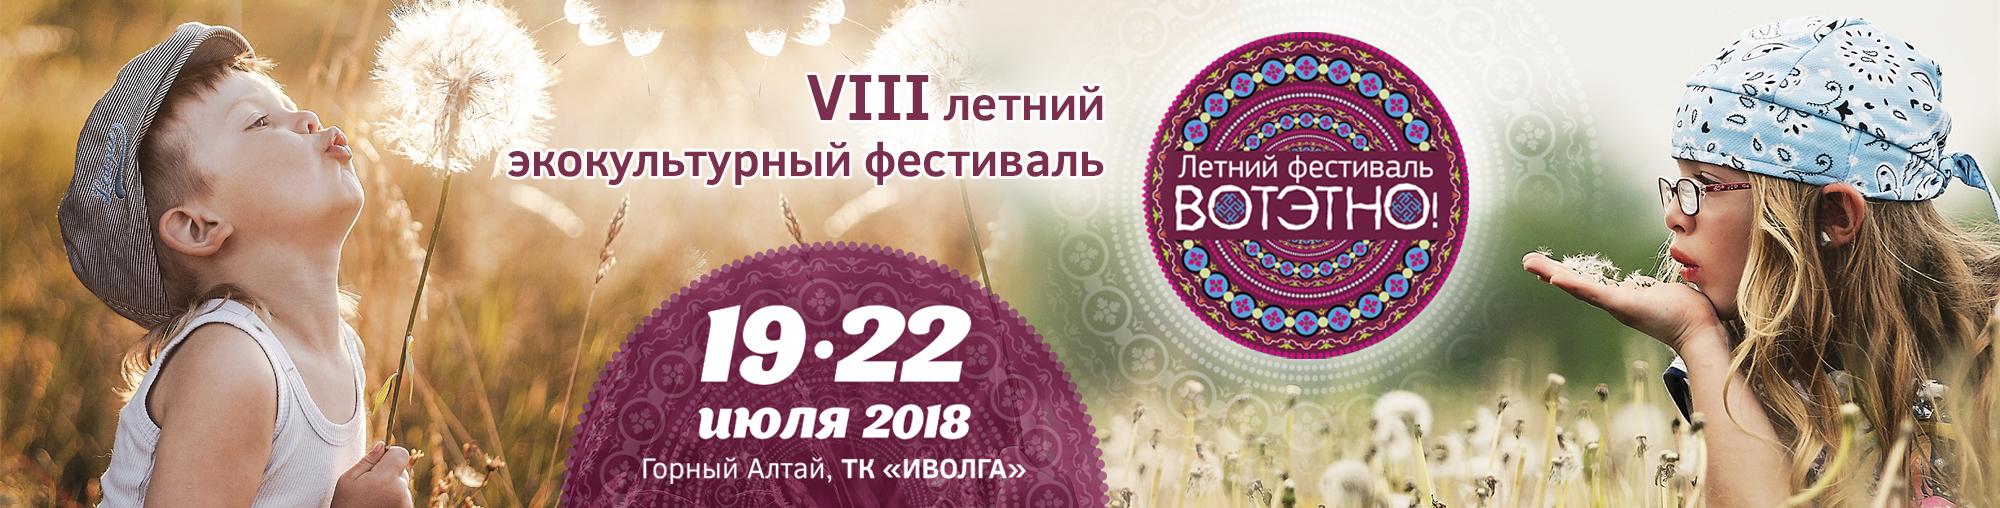 VIII летний Экокультурный Фестиваль «ВОТЭТНО!»